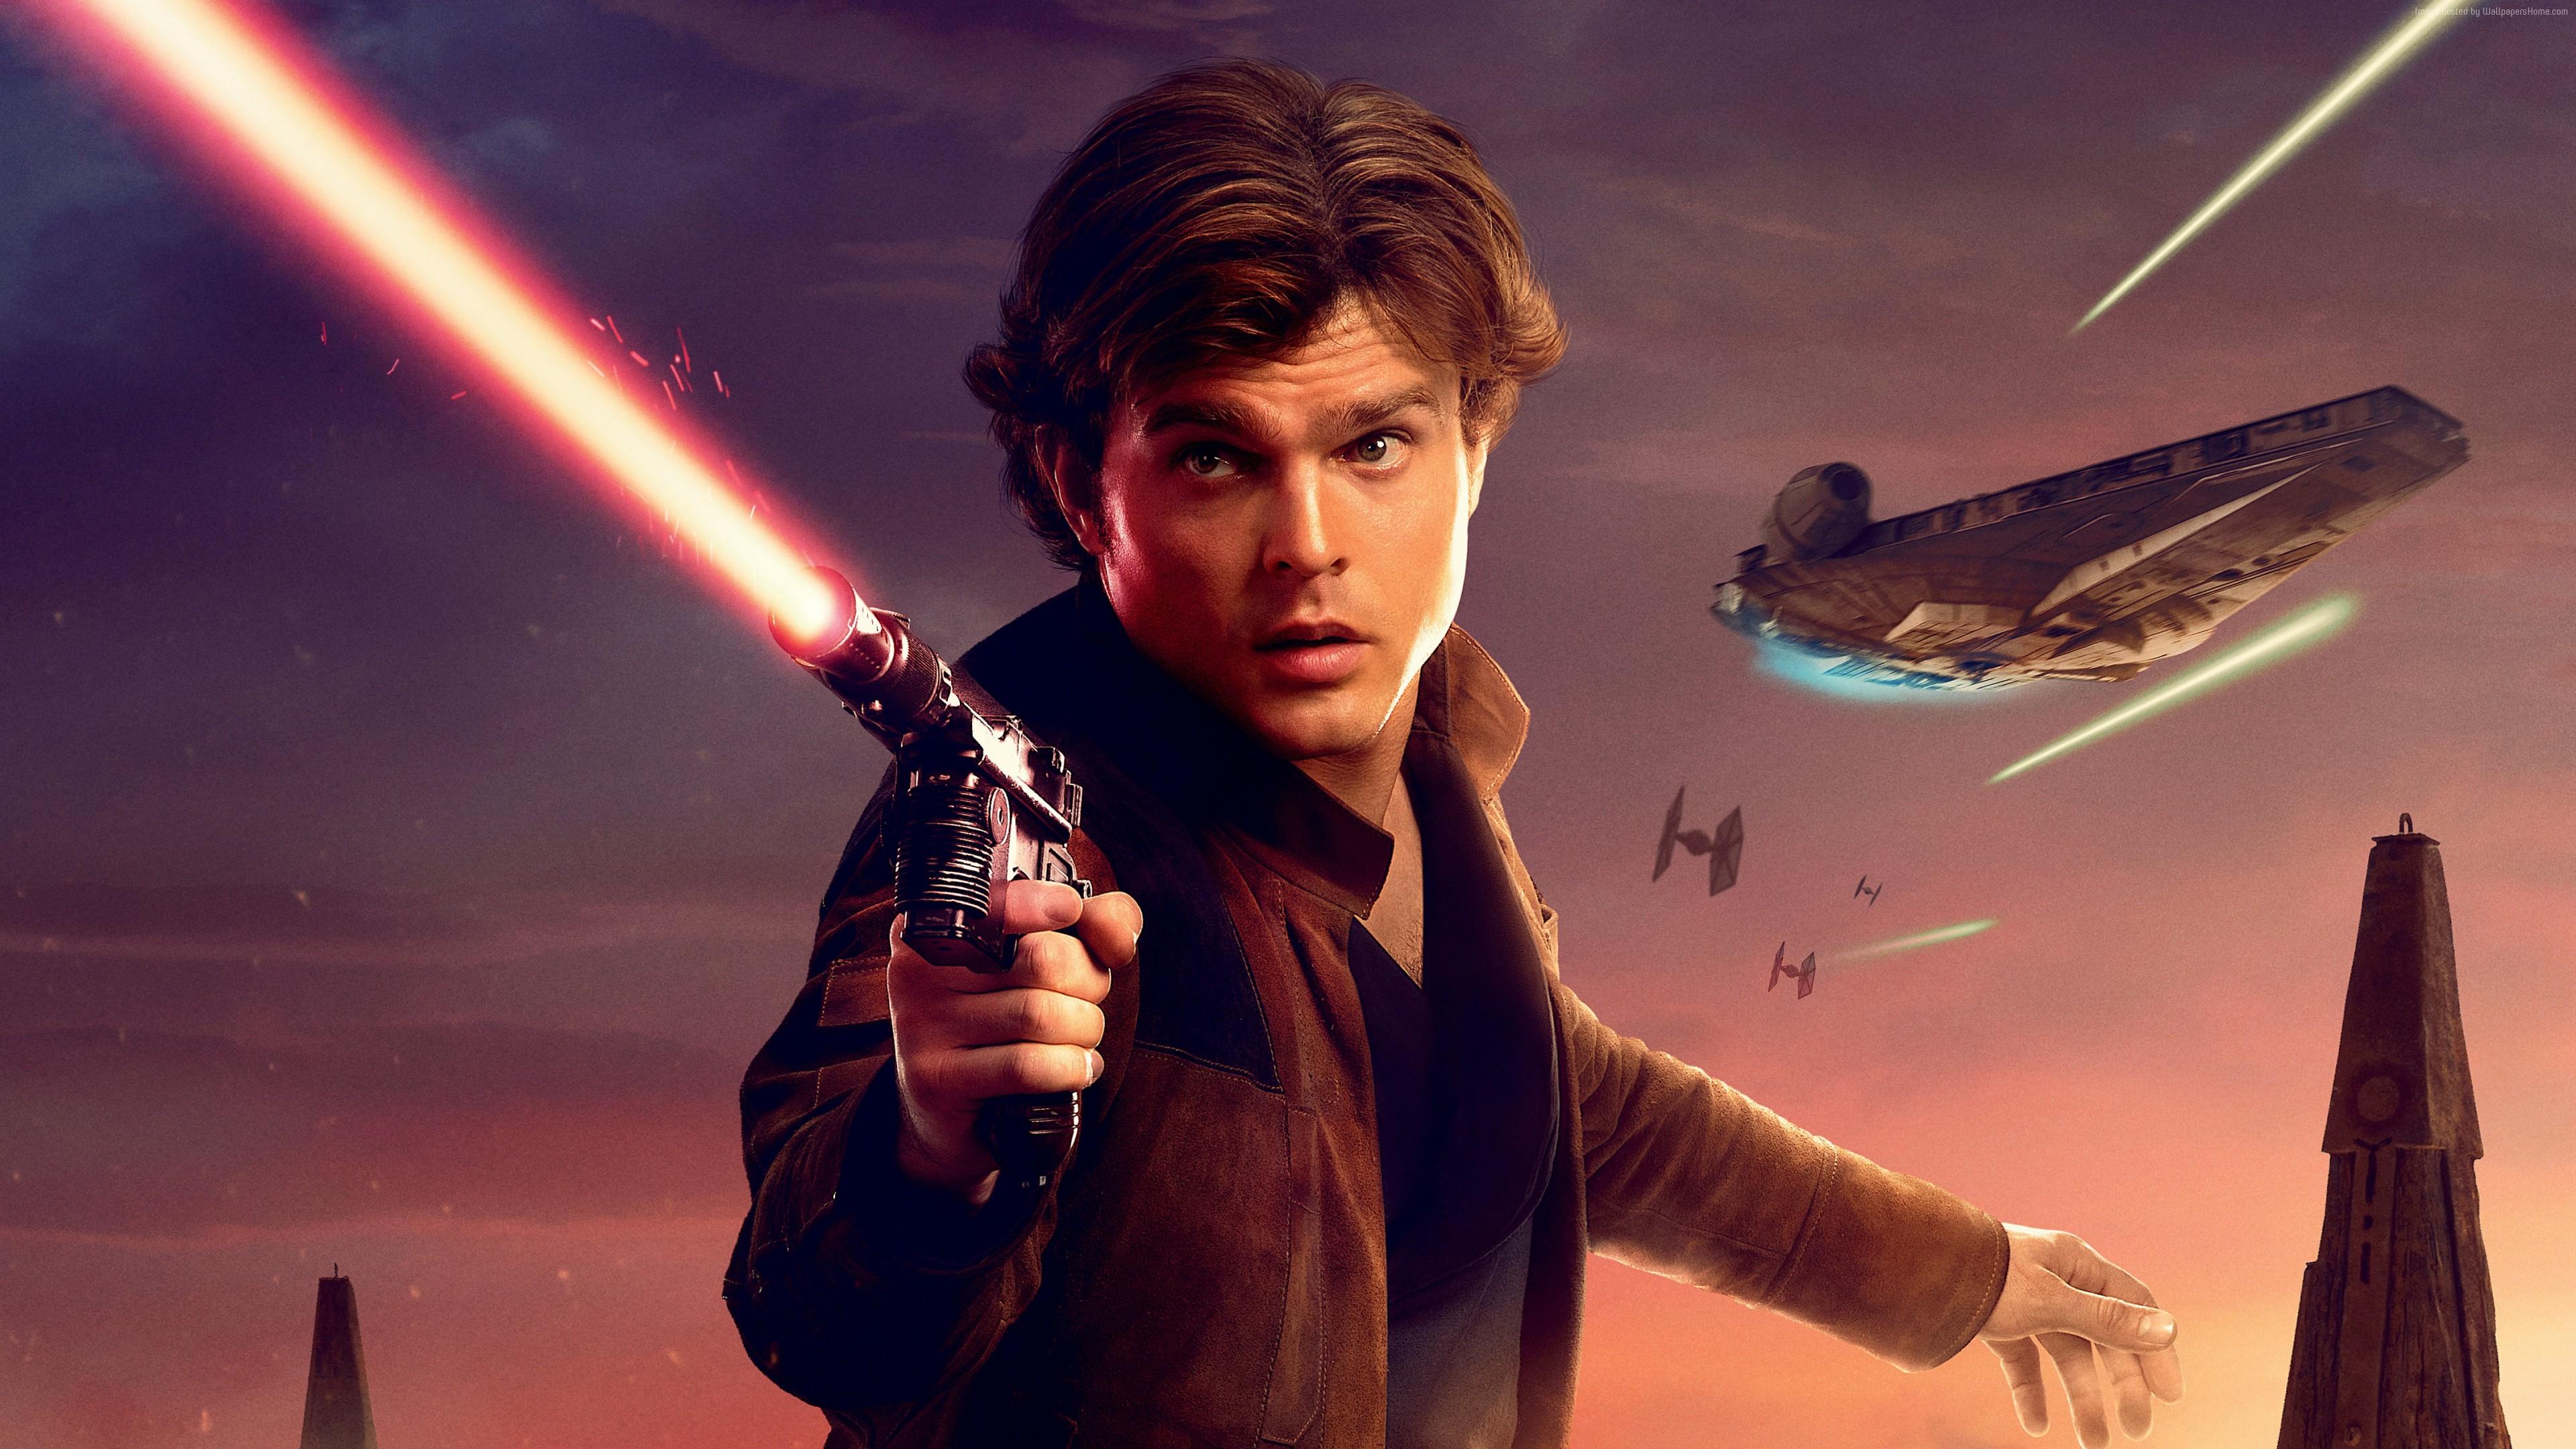 A Star Wars Story, Han Solo, 4k, 5k, Movies - Star Wars Han Solo 4k , HD Wallpaper & Backgrounds